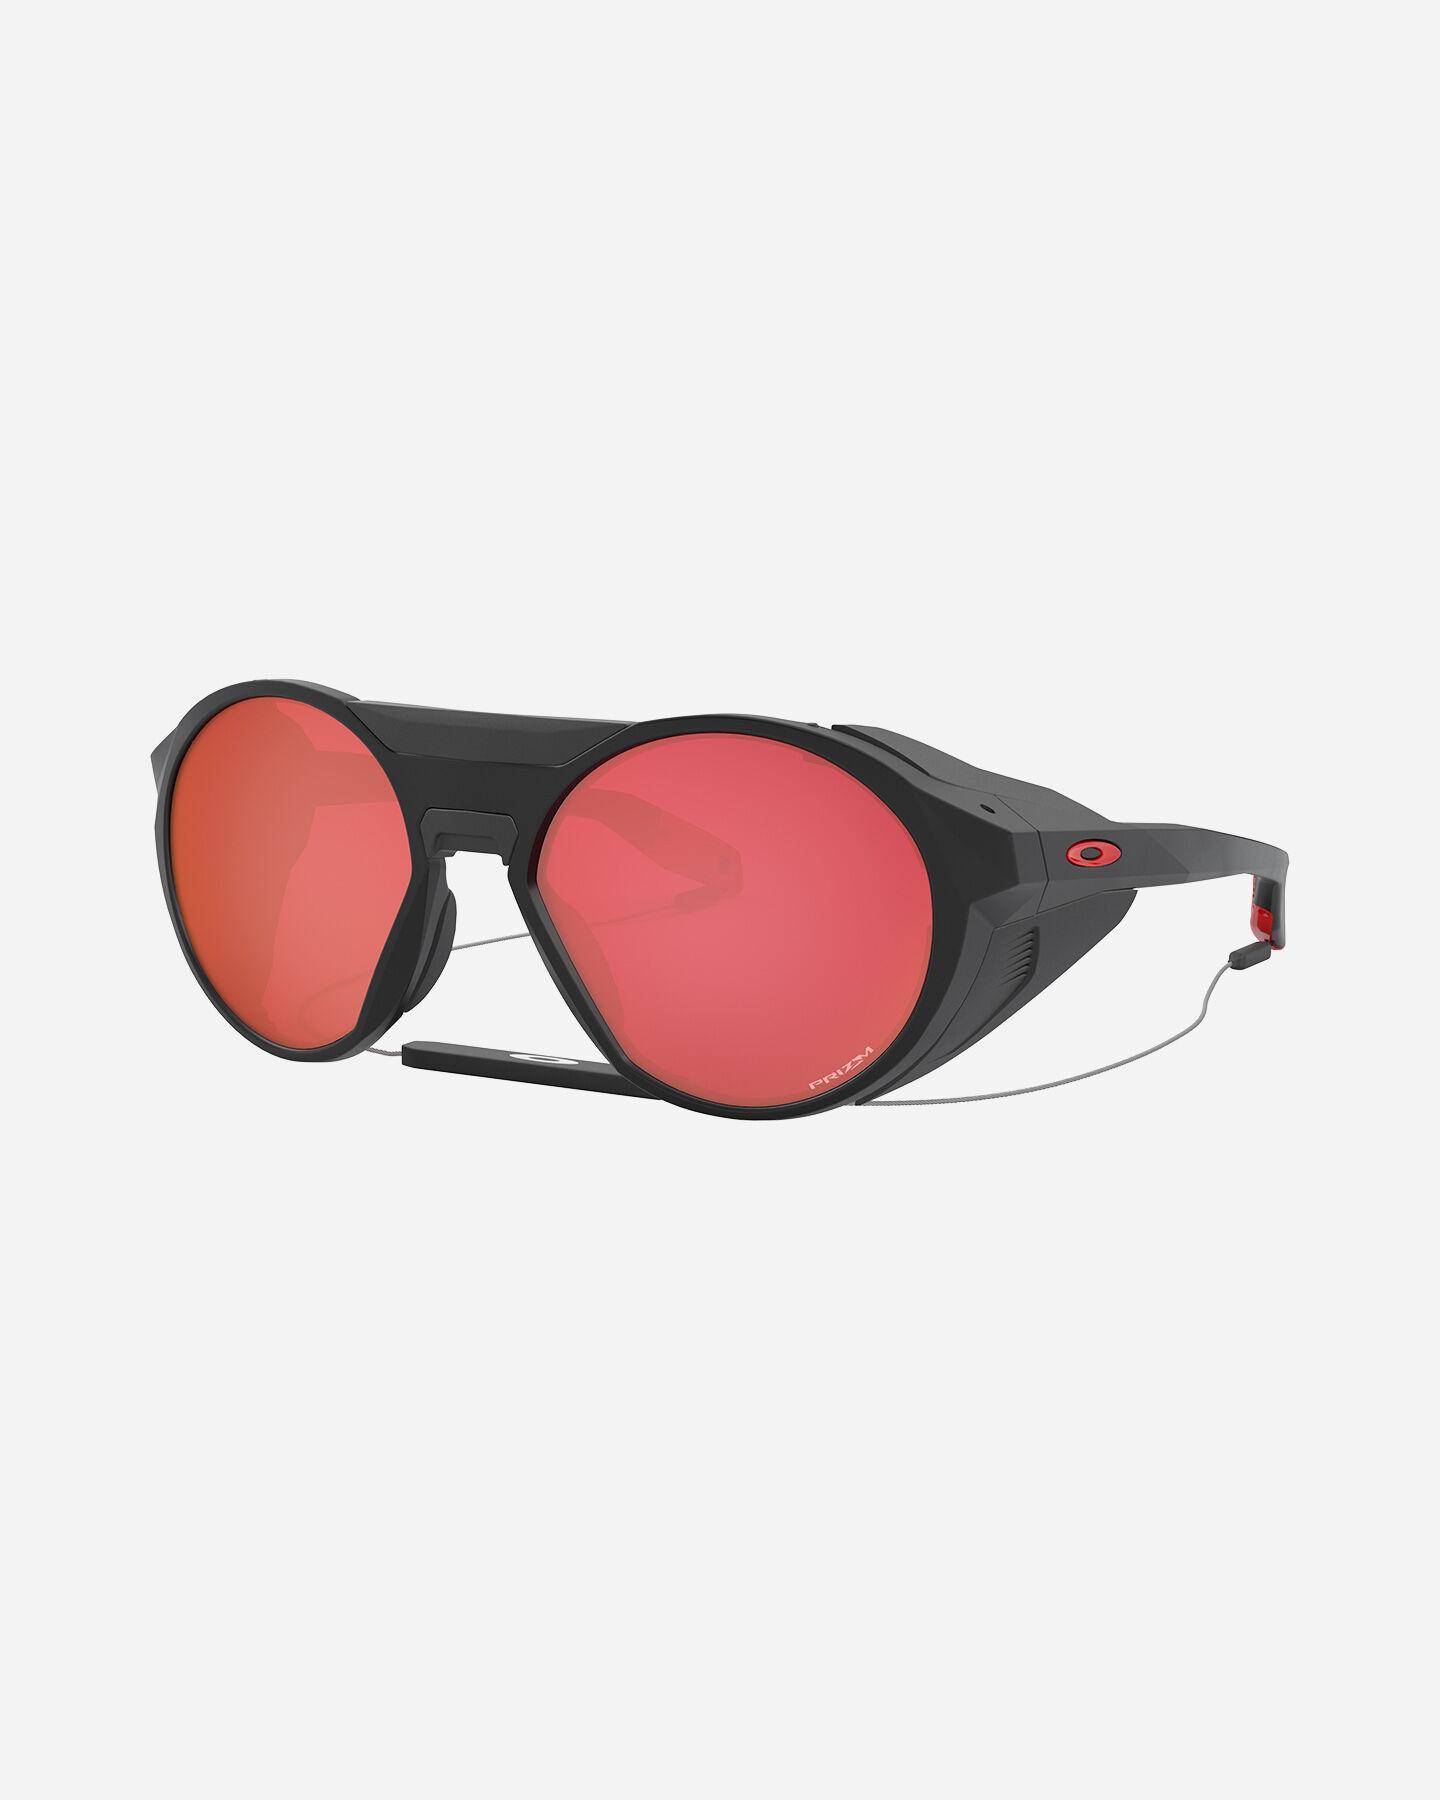 Occhiali OAKLEY CLIFDEN S5221234|0356|56 scatto 0